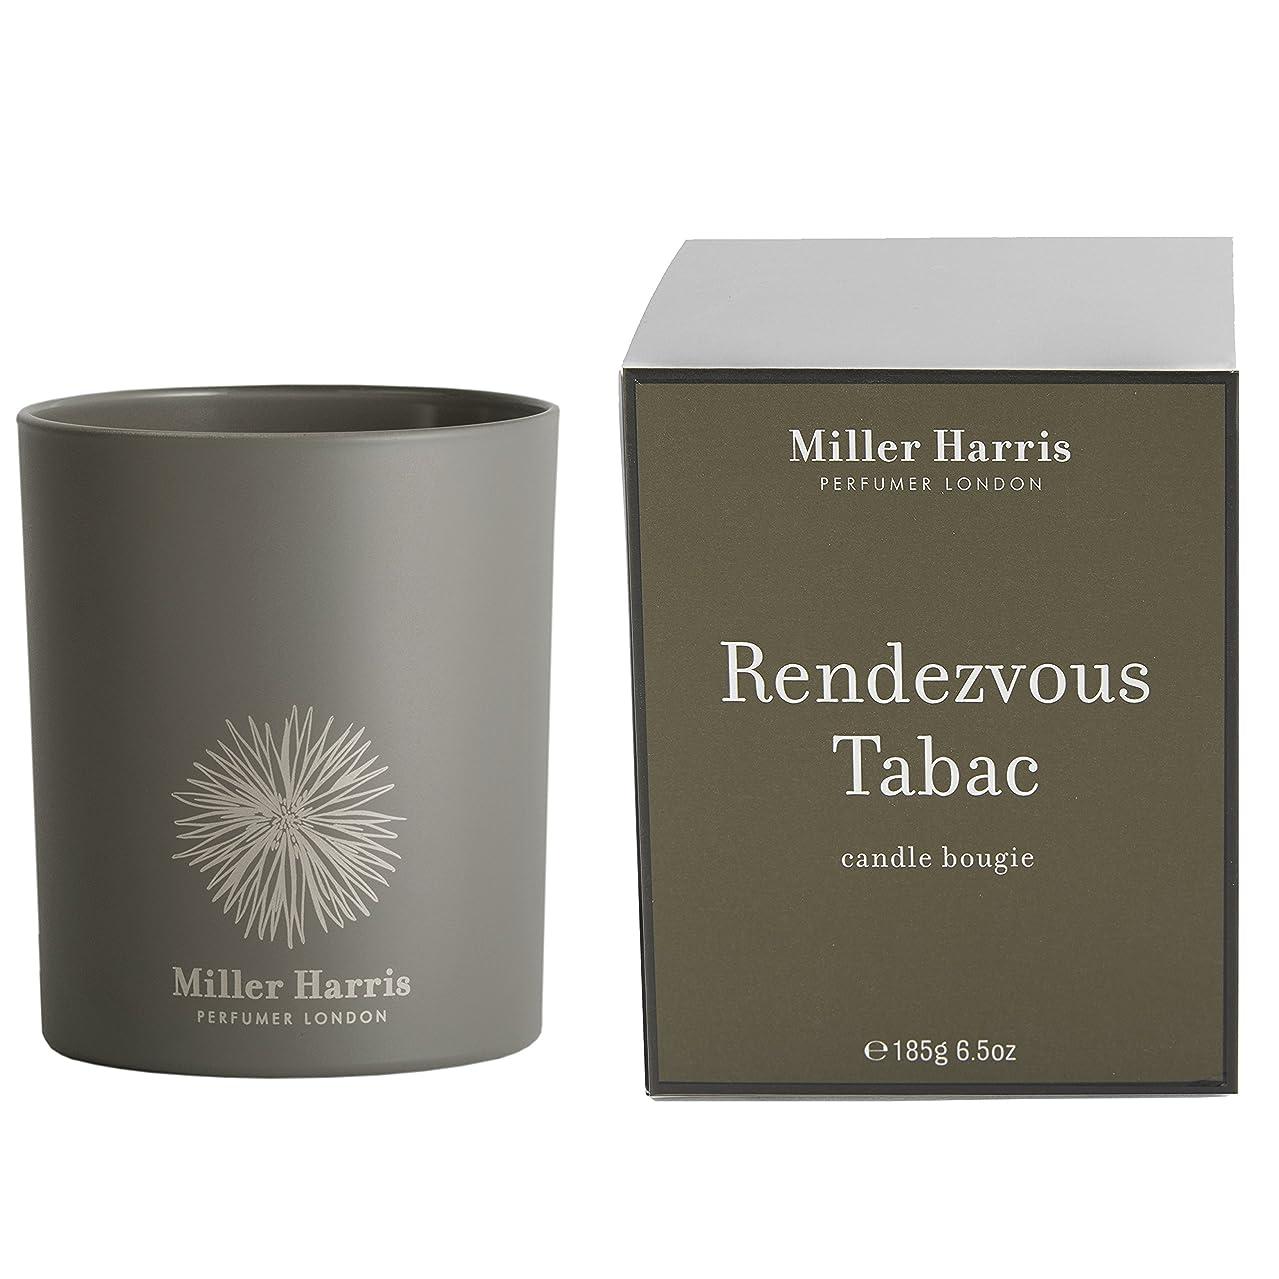 ゲストまともな大学ミラーハリス Candle - Rendezvous Tabac 185g/6.5oz並行輸入品